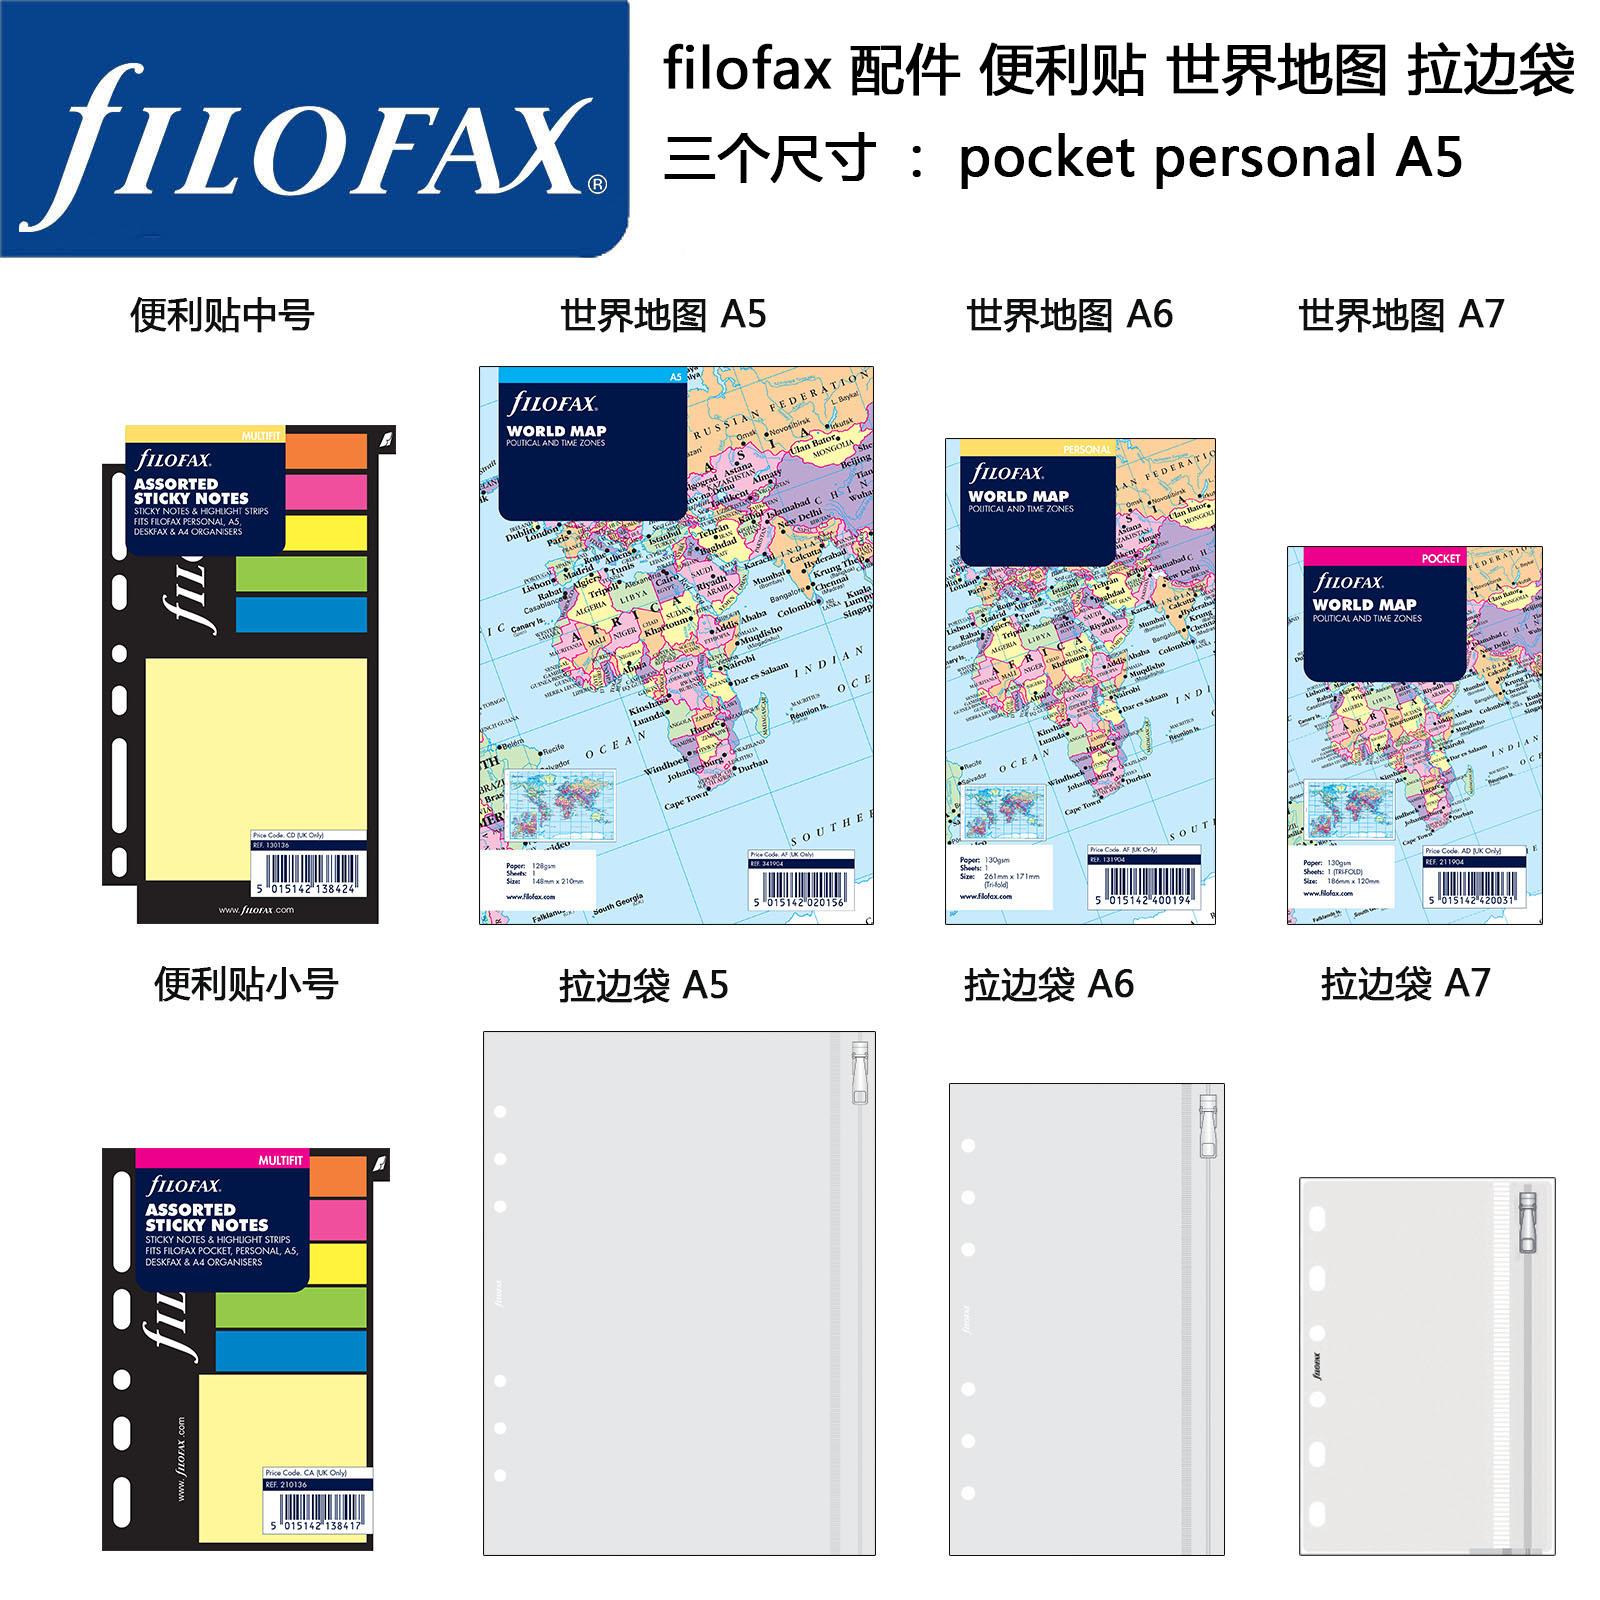 英國 filofax 拉邊袋 便利貼 世界地圖 A7 A6 A5尺寸  內頁